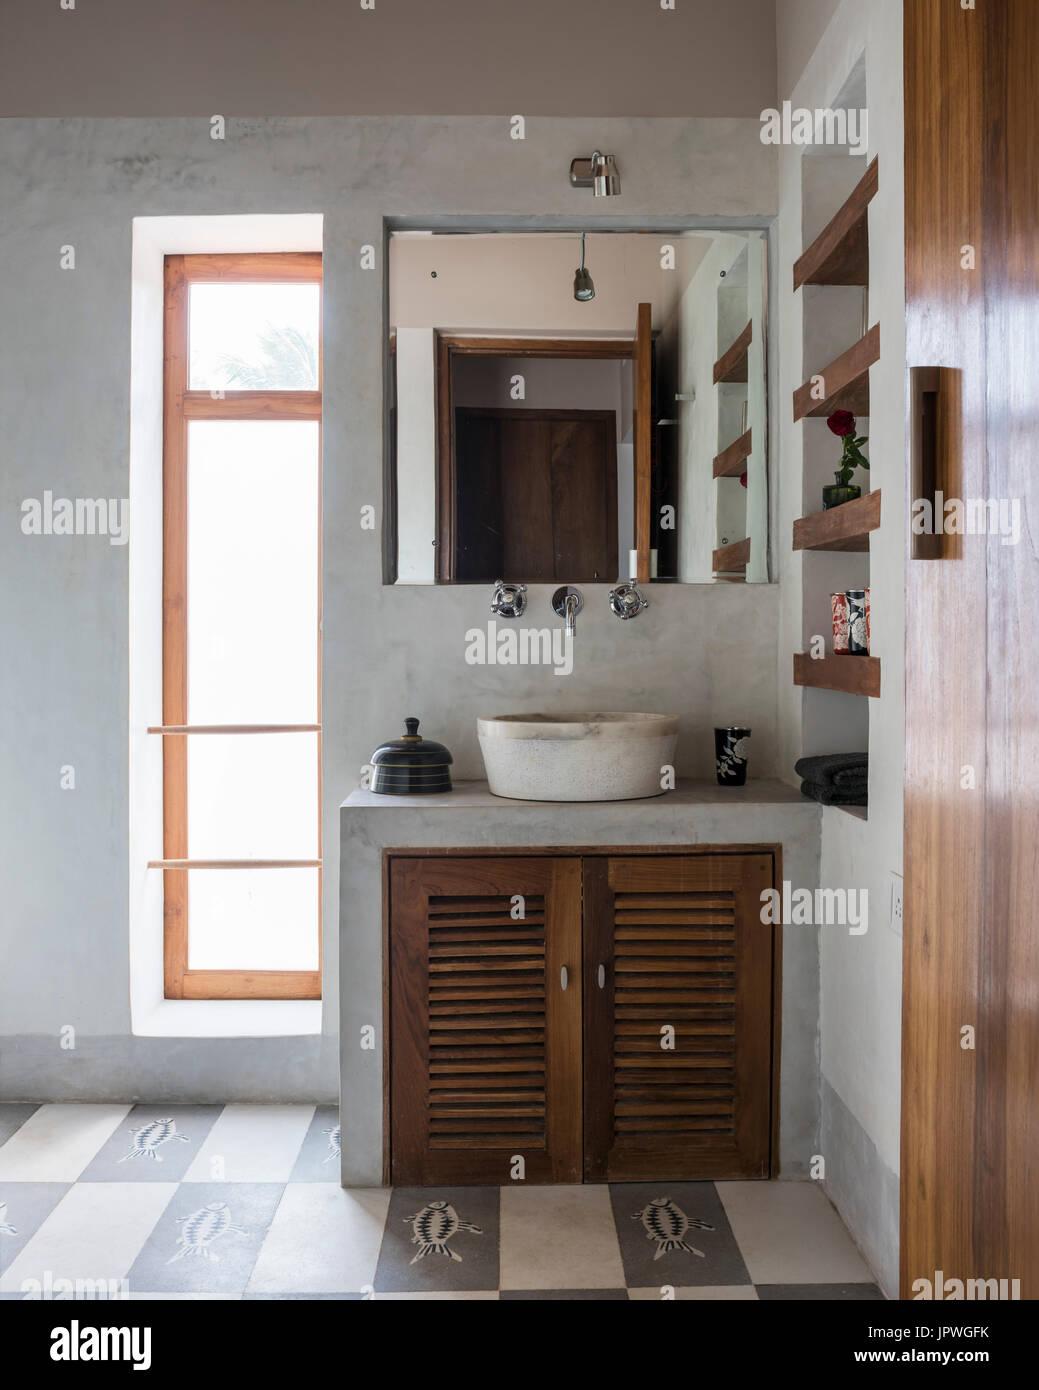 weißes badezimmer mit holz schränke stockfoto, bild: 151767159 - alamy